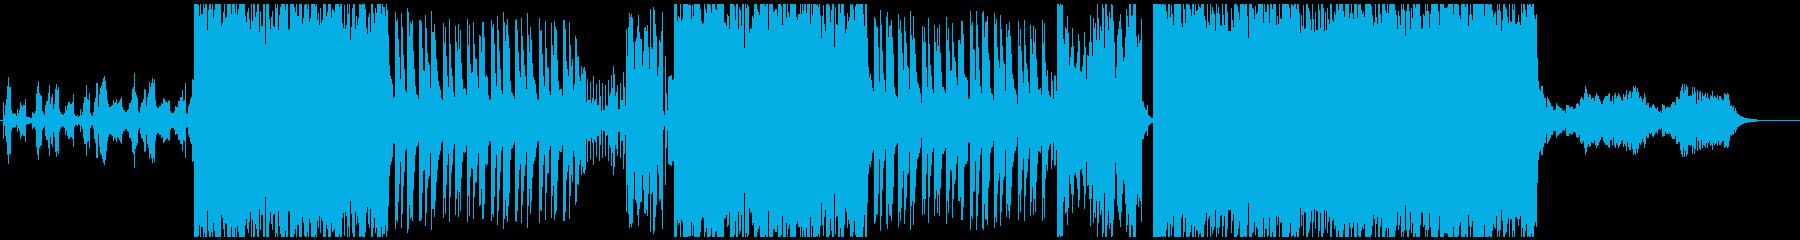 重厚感のあるR&Bの再生済みの波形